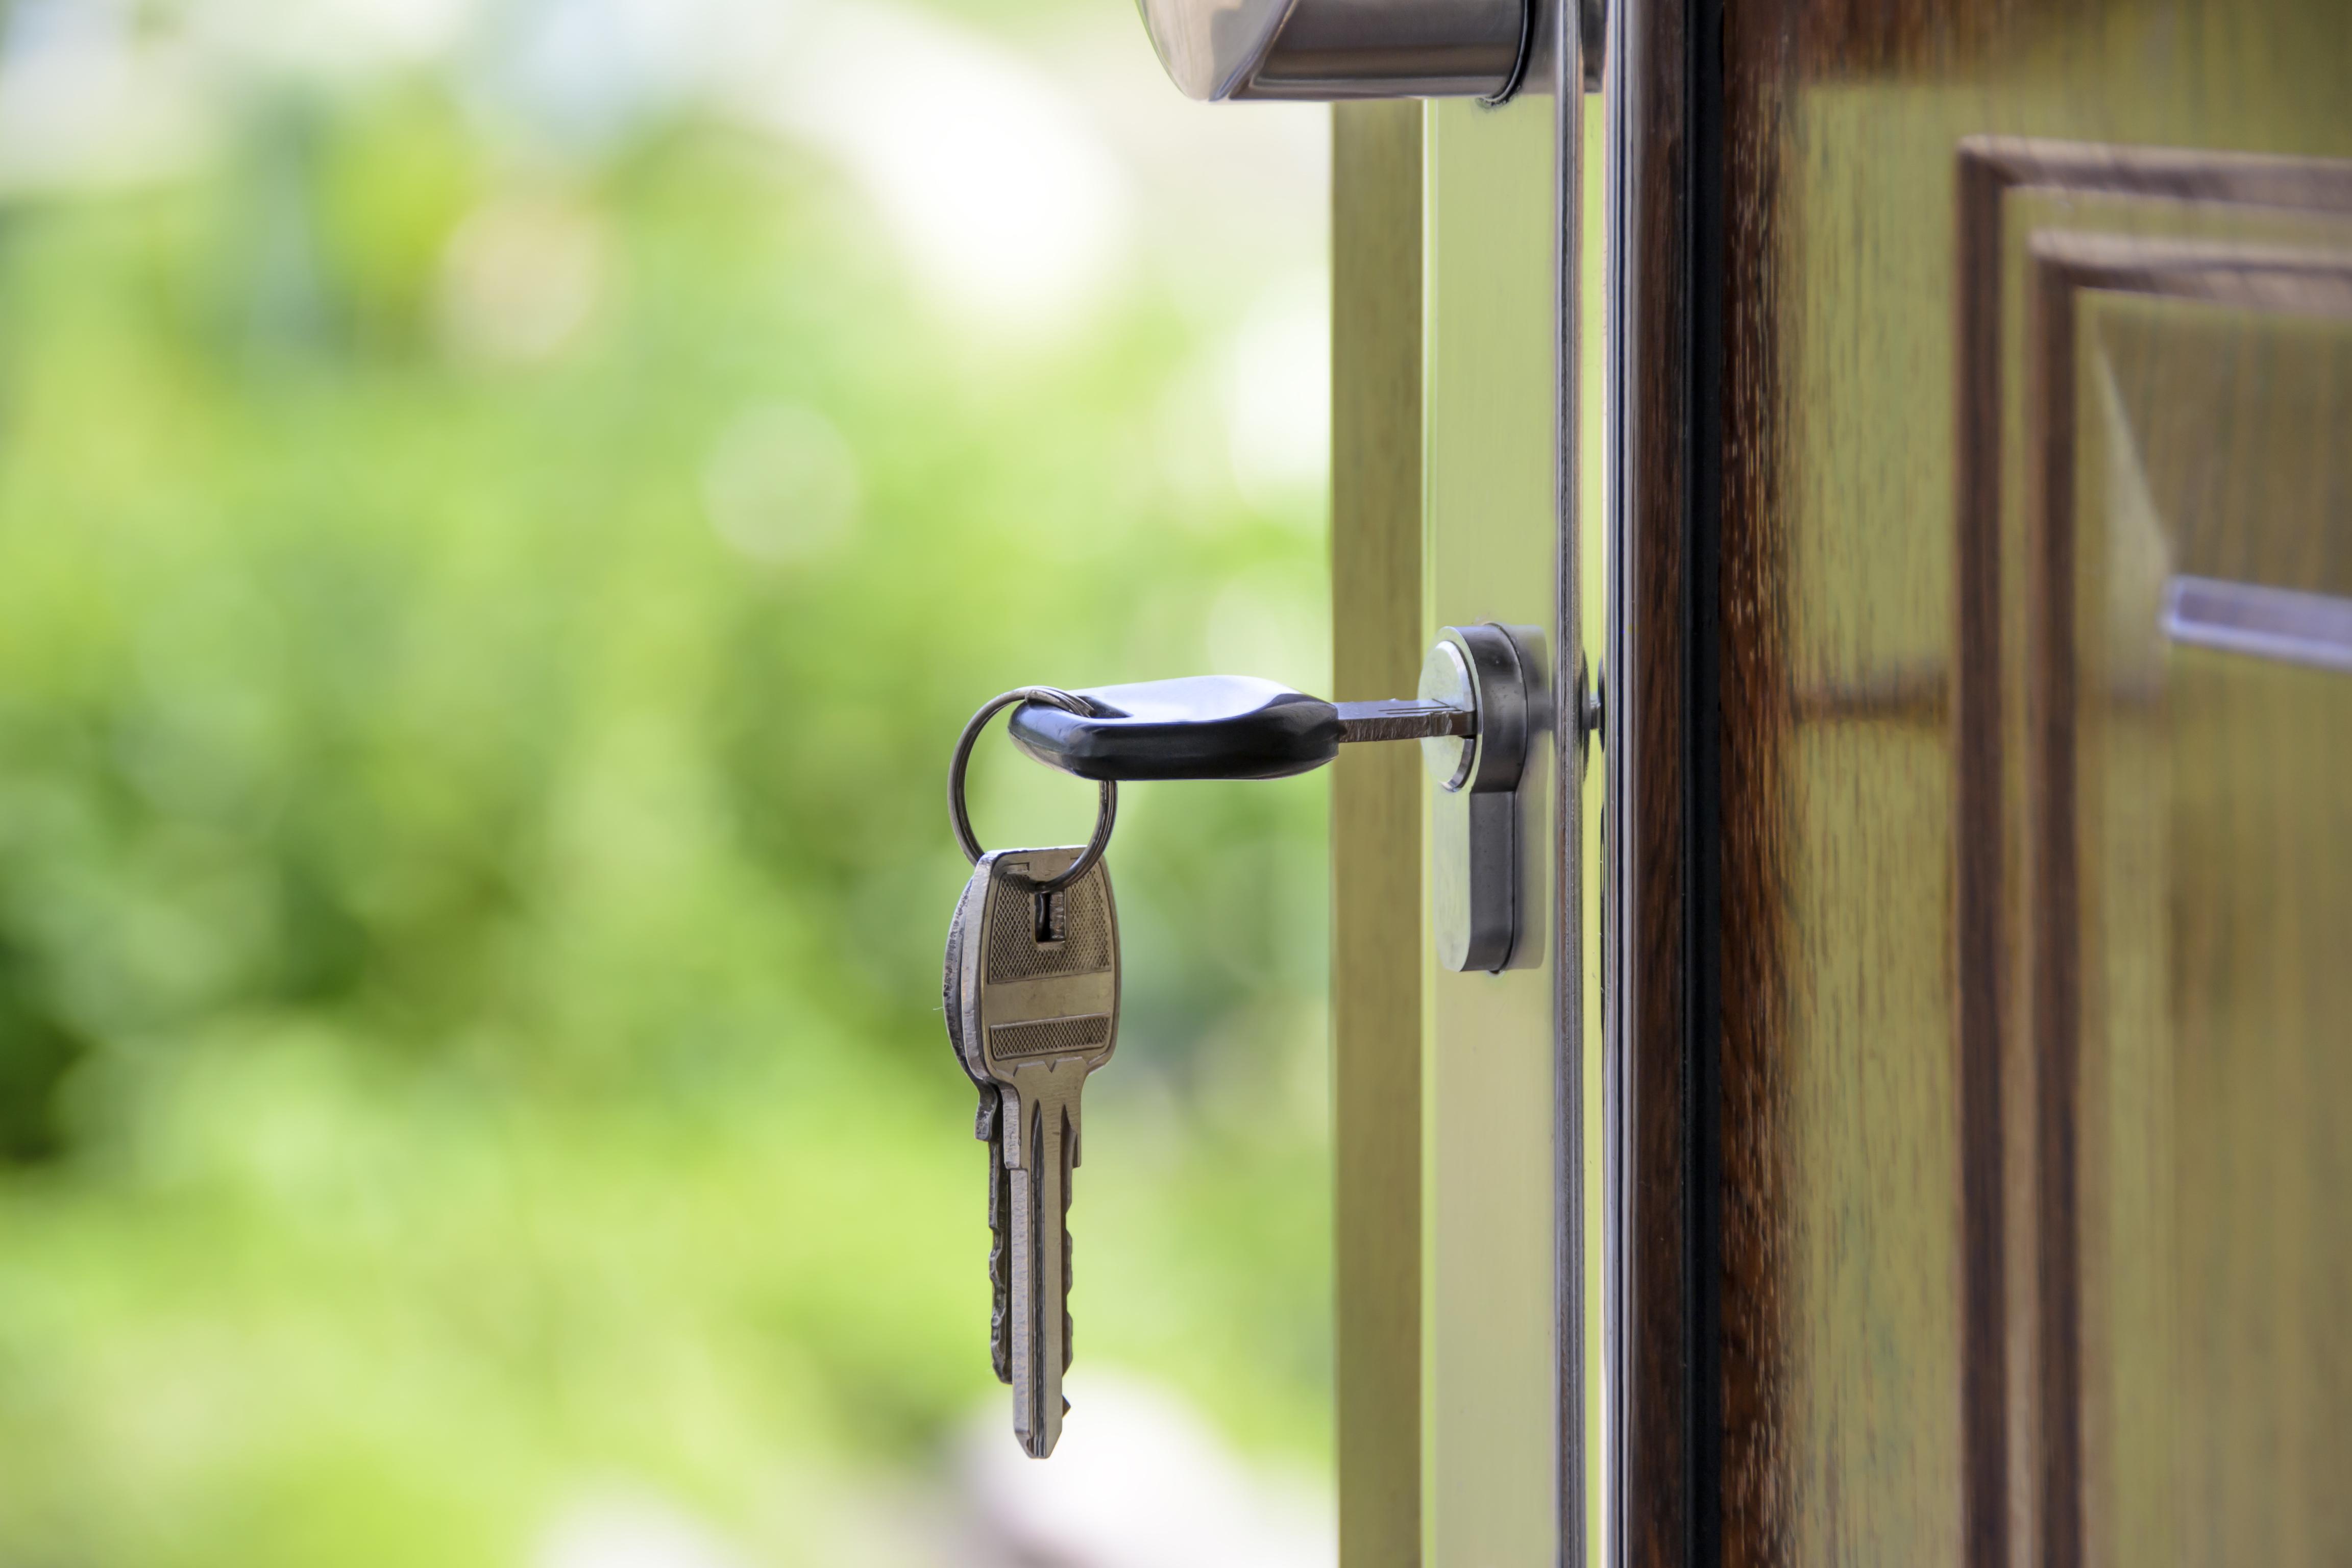 Porte claquée, clefs oubliées : comment bien choisir son serrurier ?